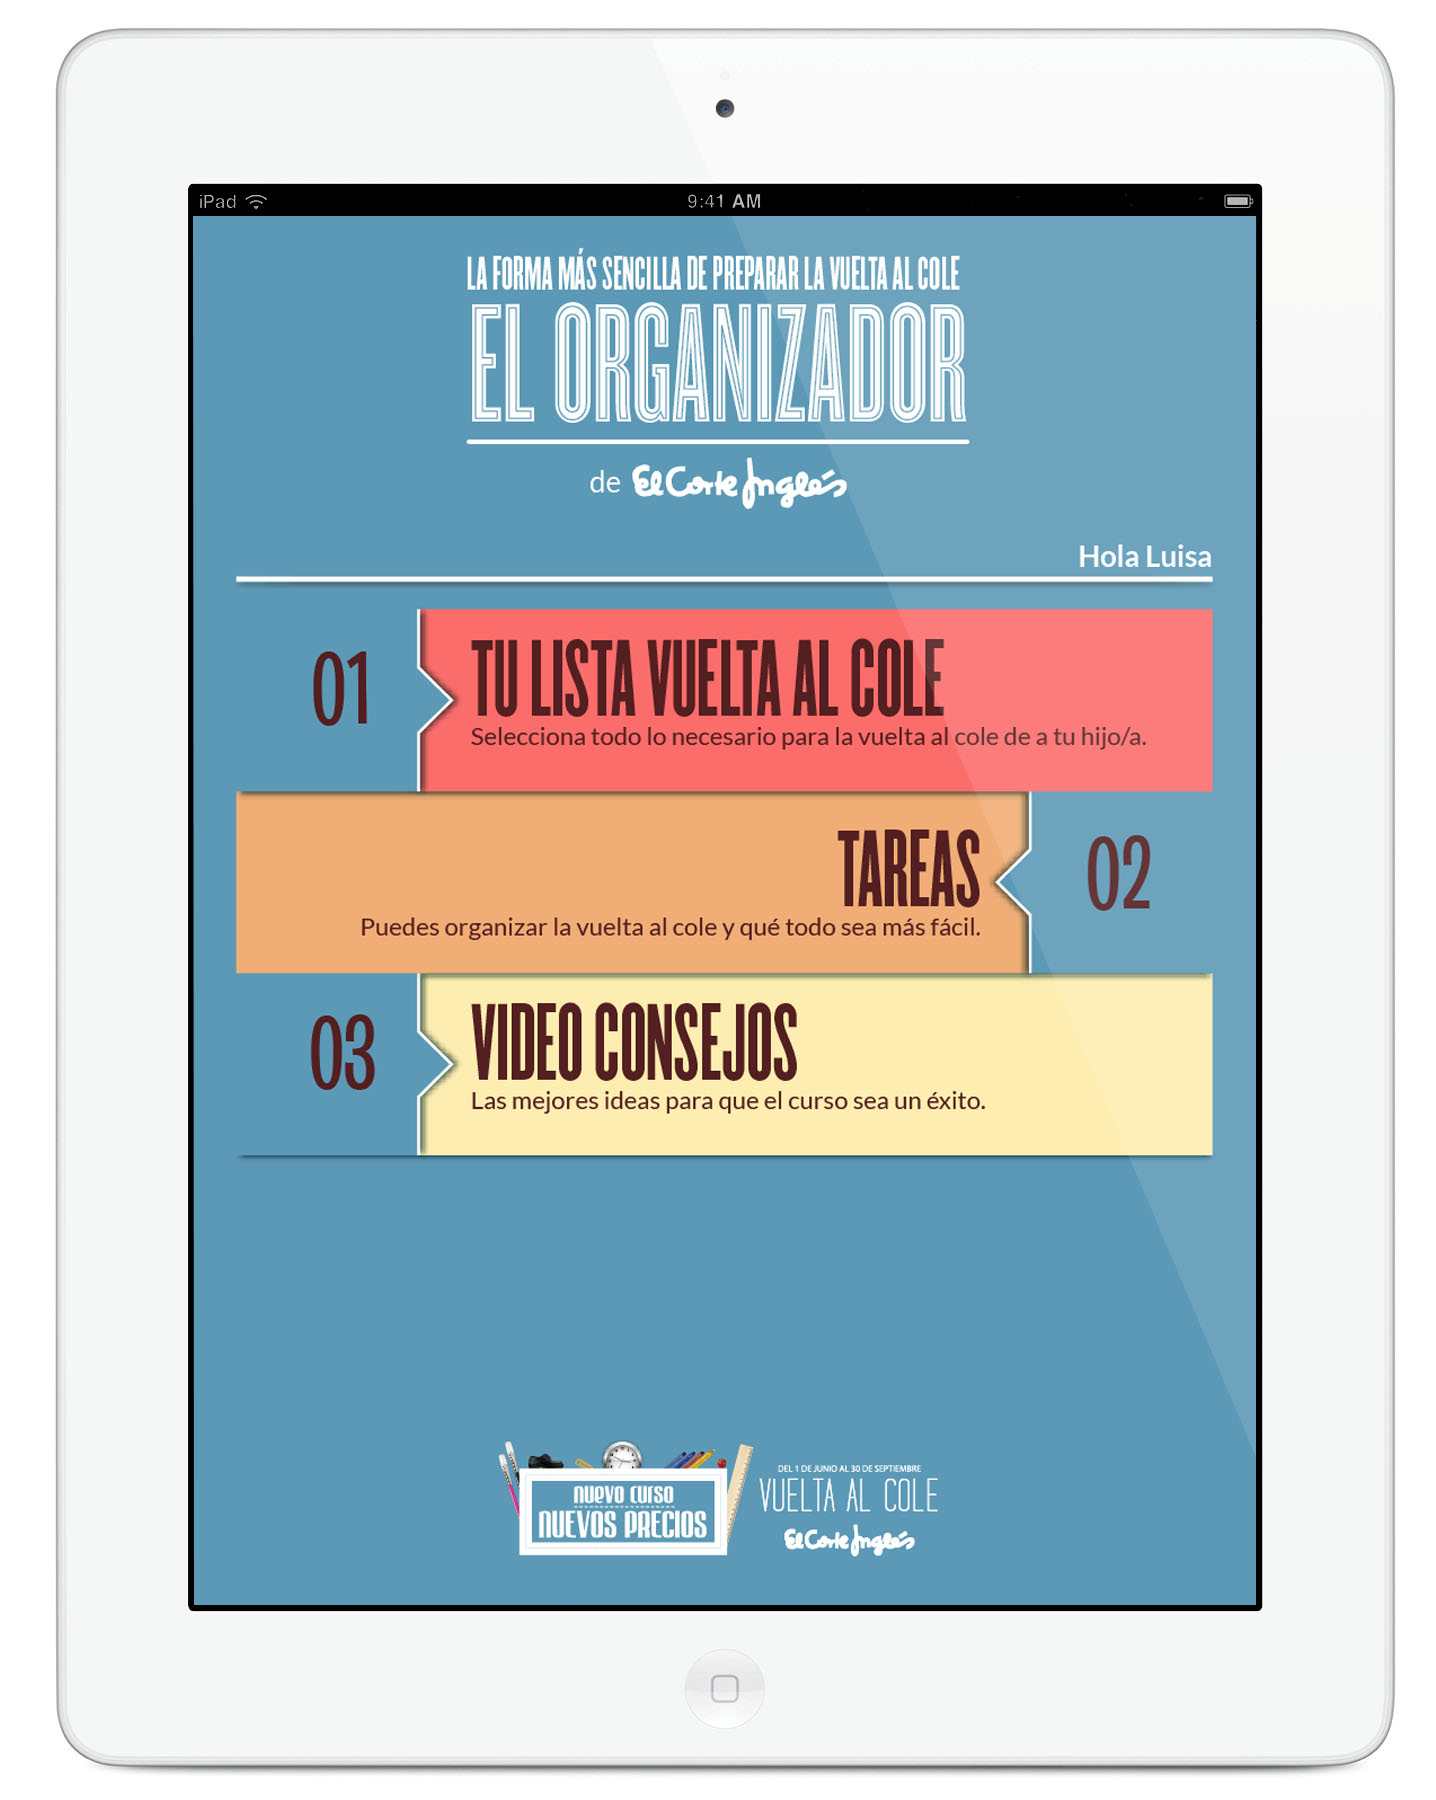 Organizador_01